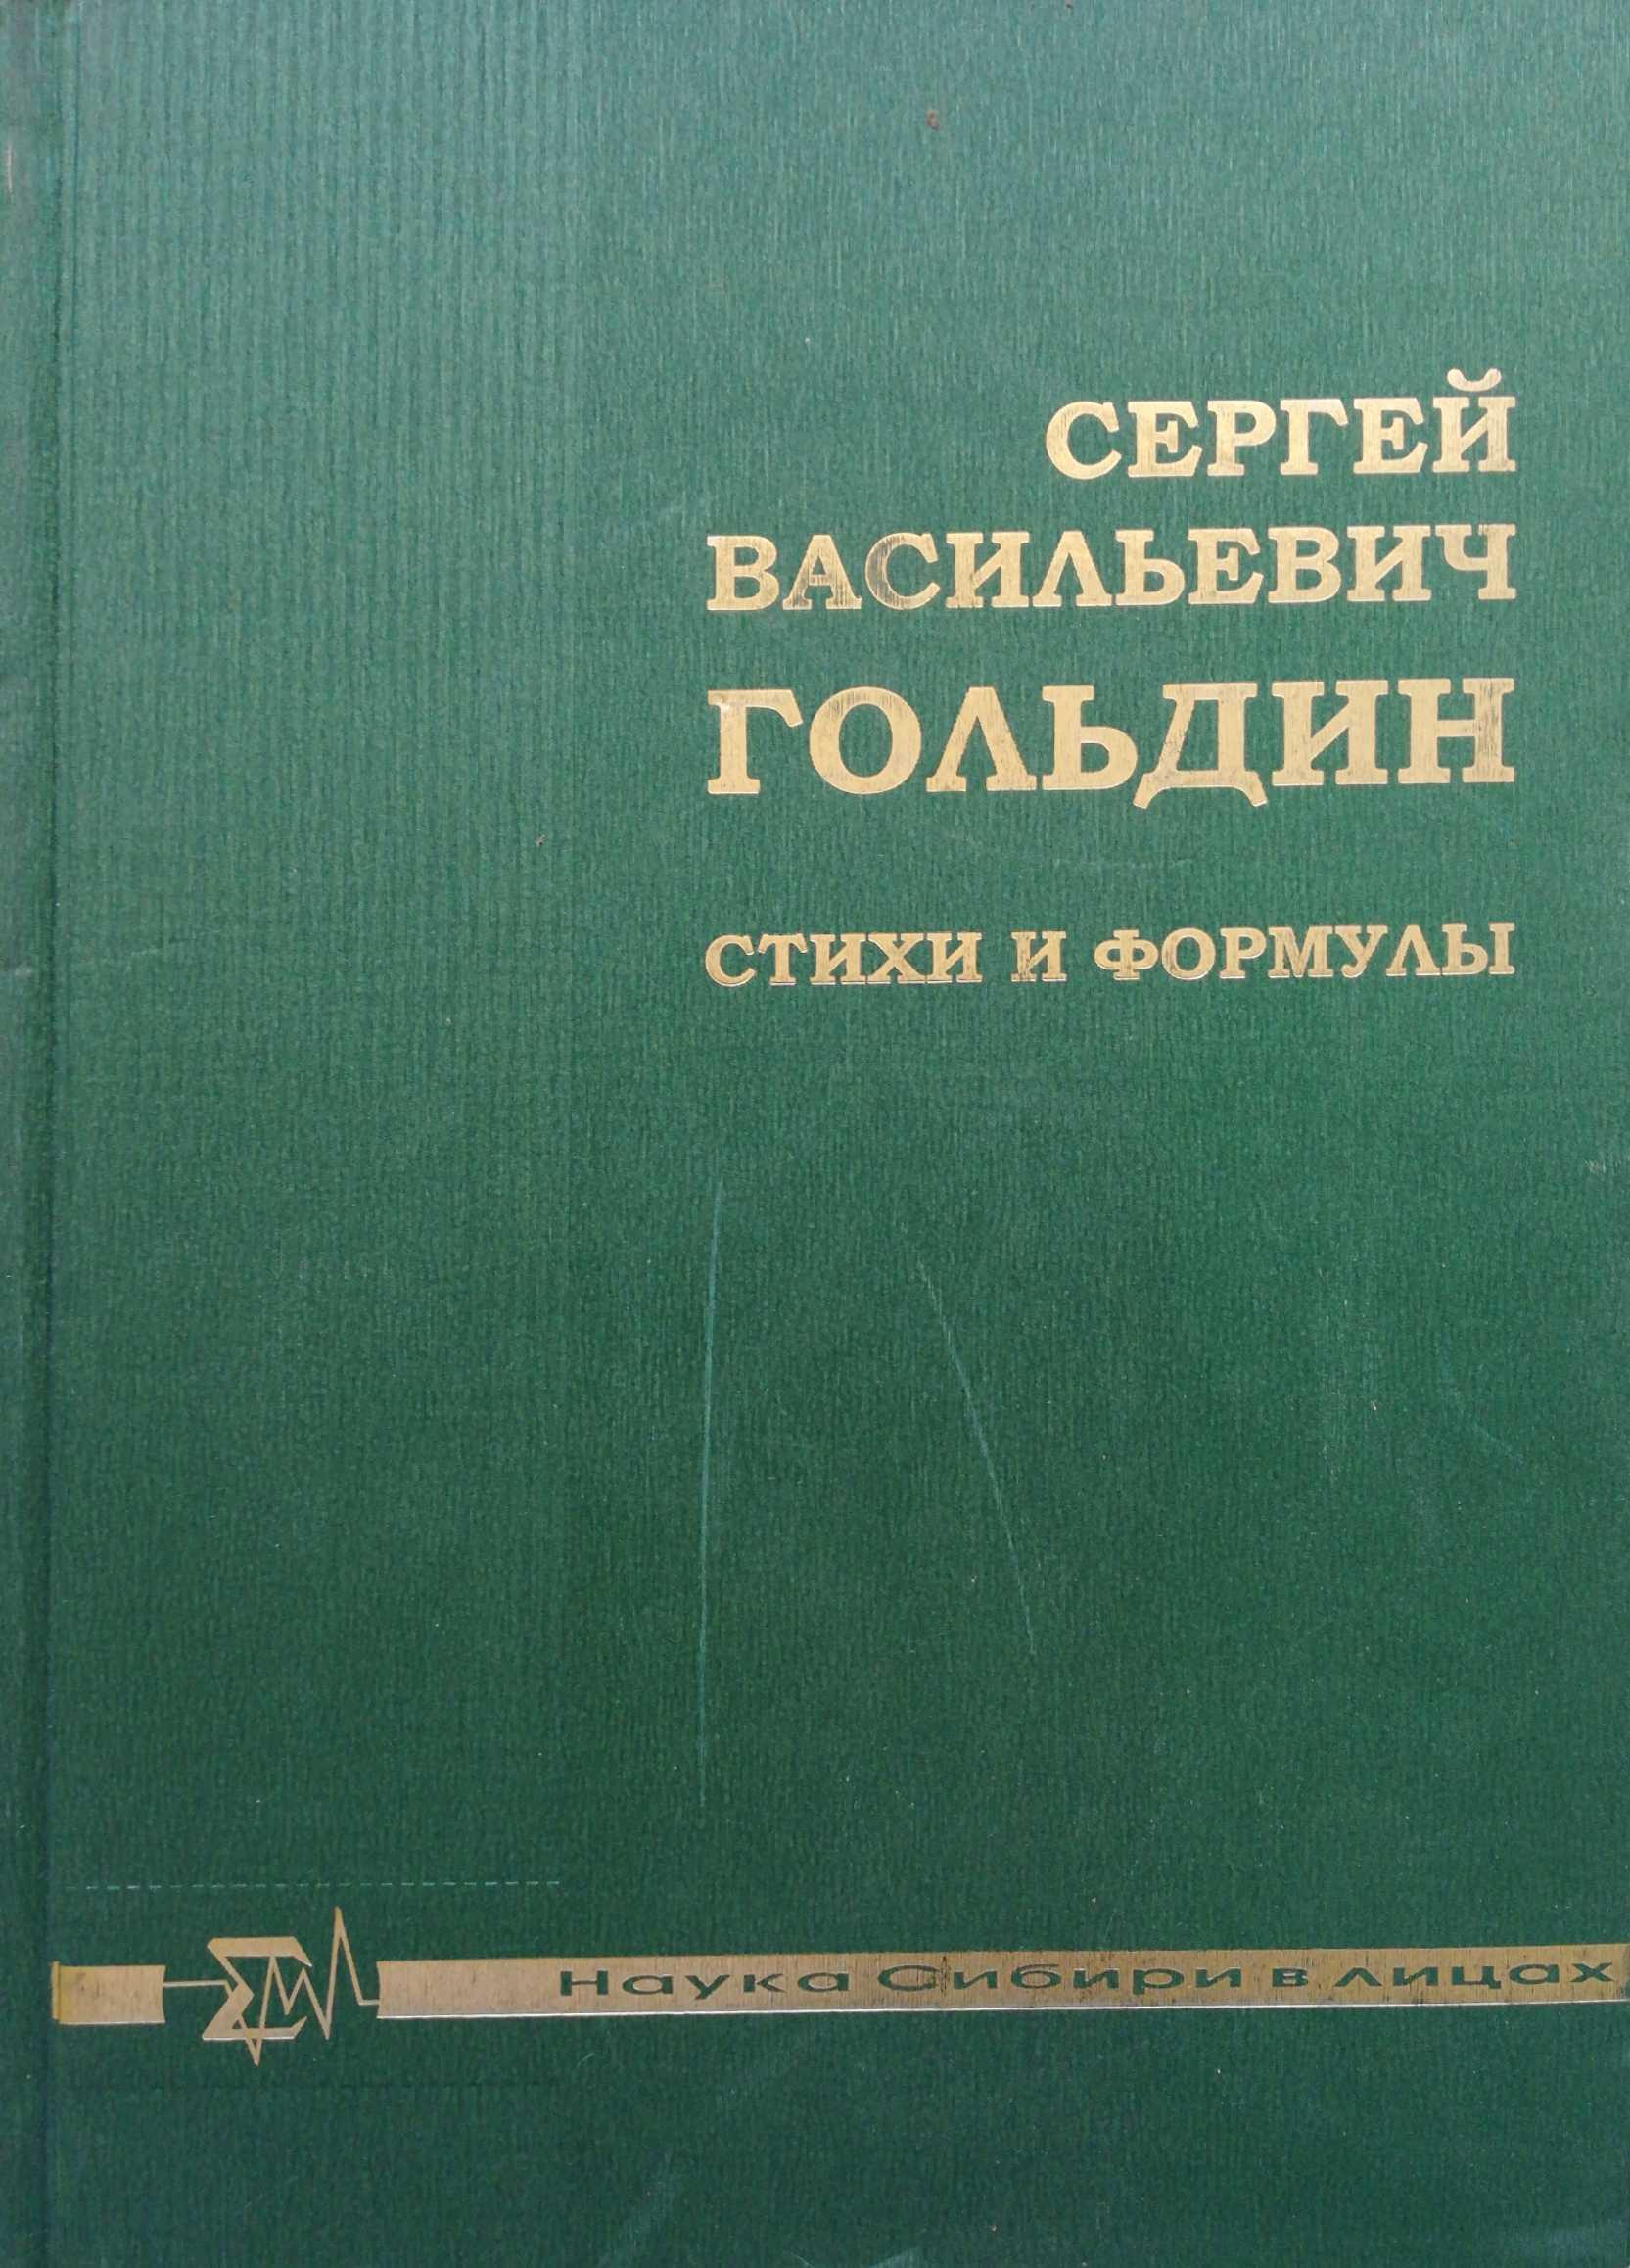 С.Гольдин Стихи и формулы